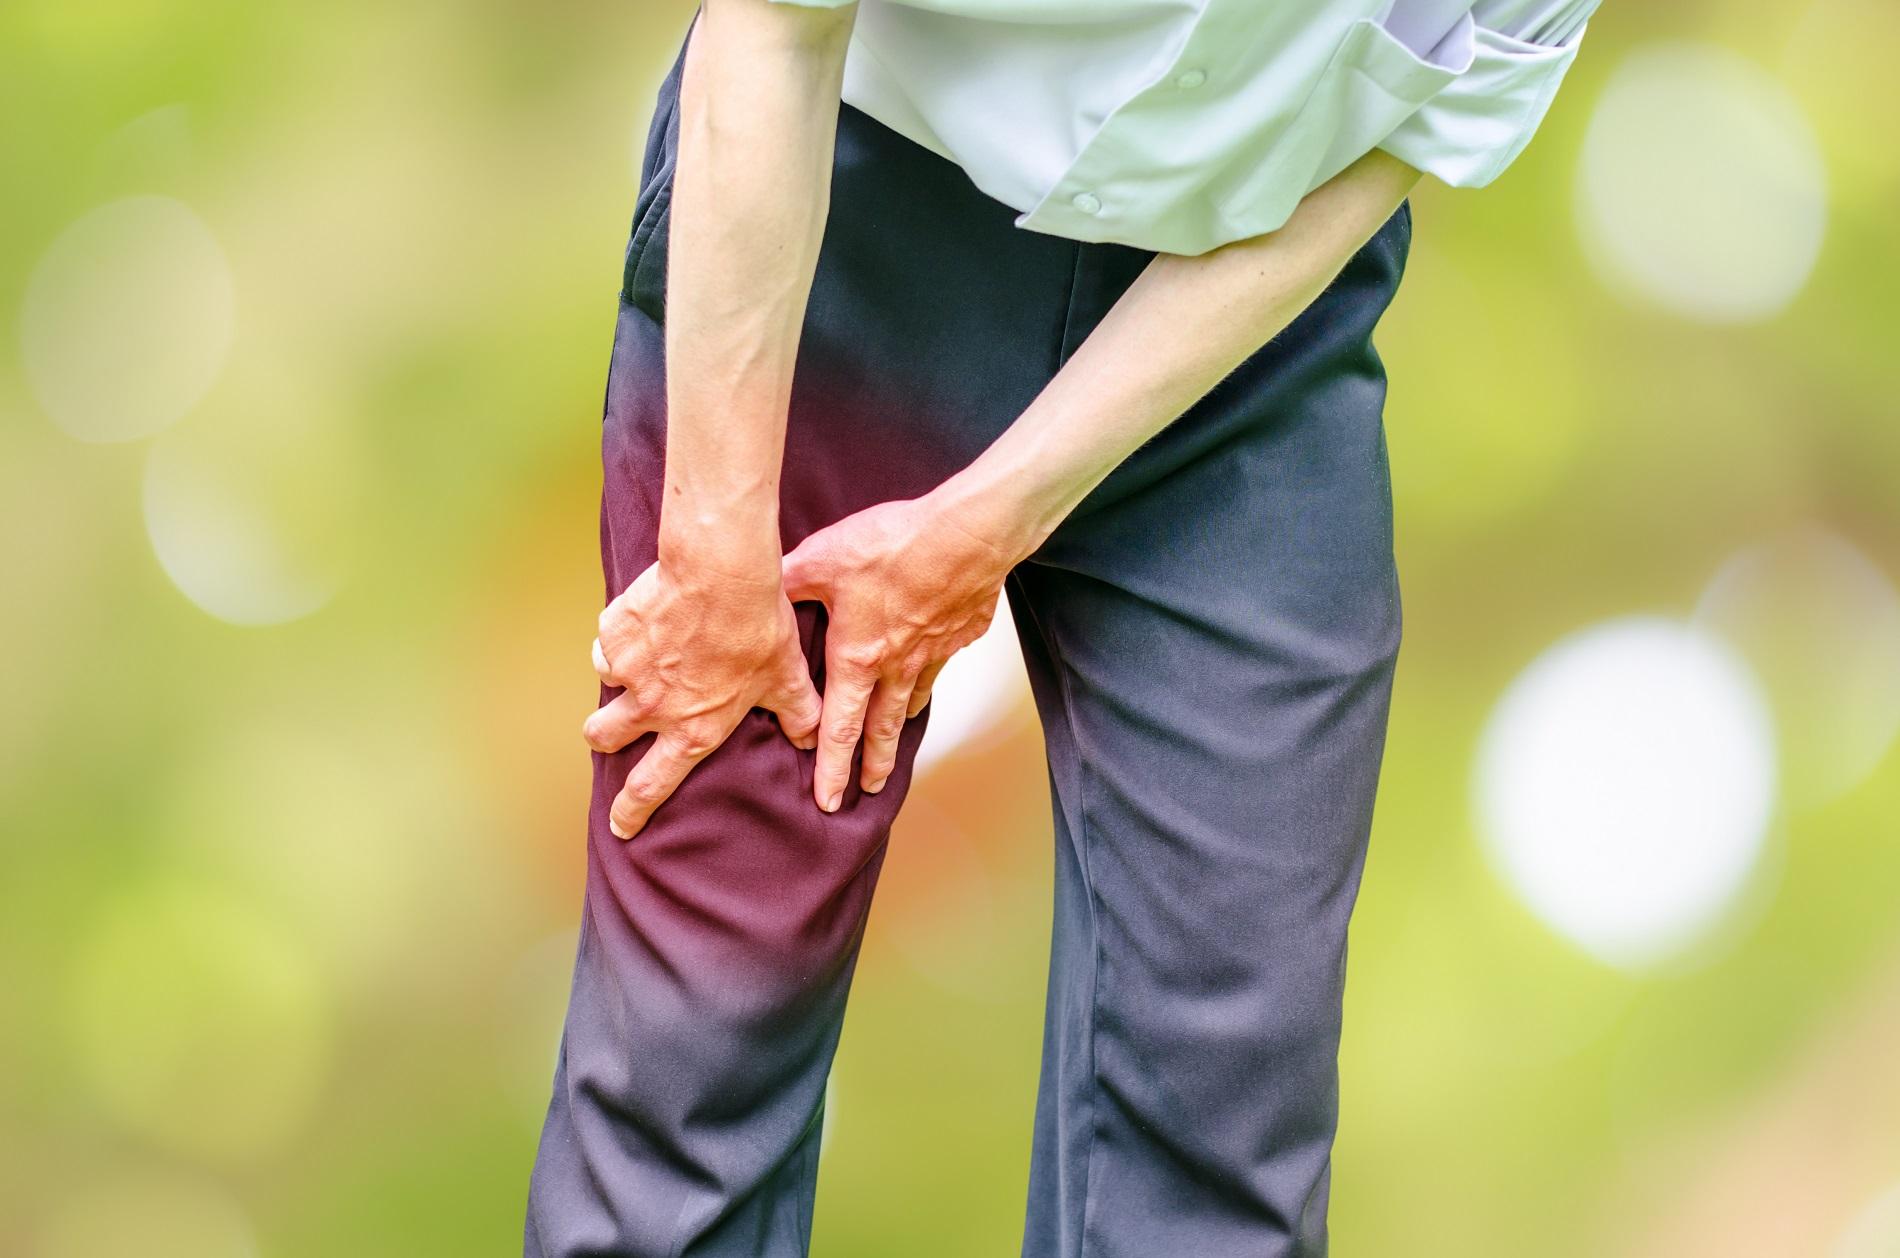 térdfájdalom kezelésére a csípőízület deformáló artrózisa